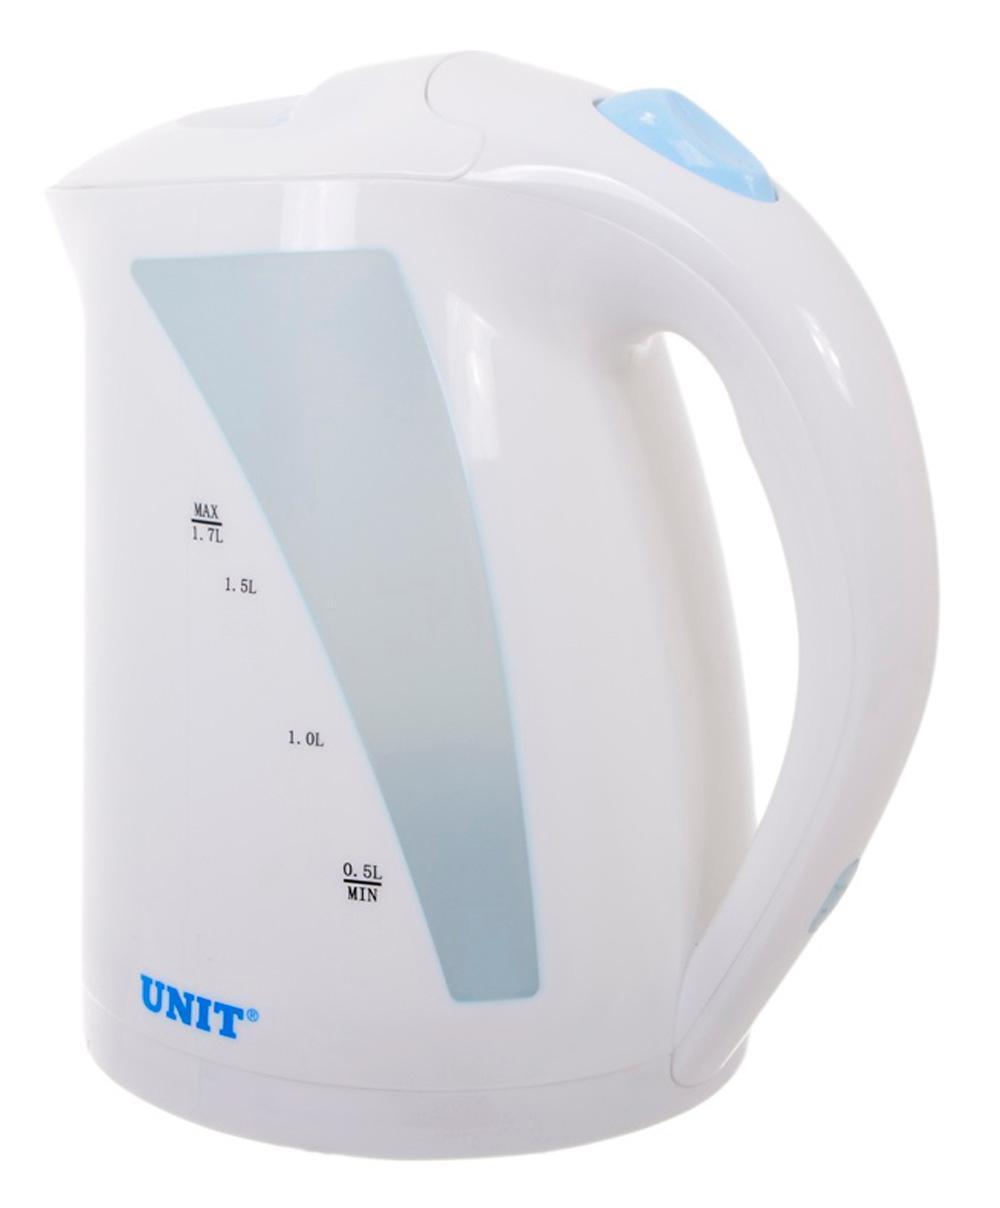 Unit UEK-244, White электрический чайникUEK-244 белыйЧайник оснащен защитой от сгорания — если в чайнике не будет воды, он не начнет свою работу. После закипания воды, чайник автоматически выключается.